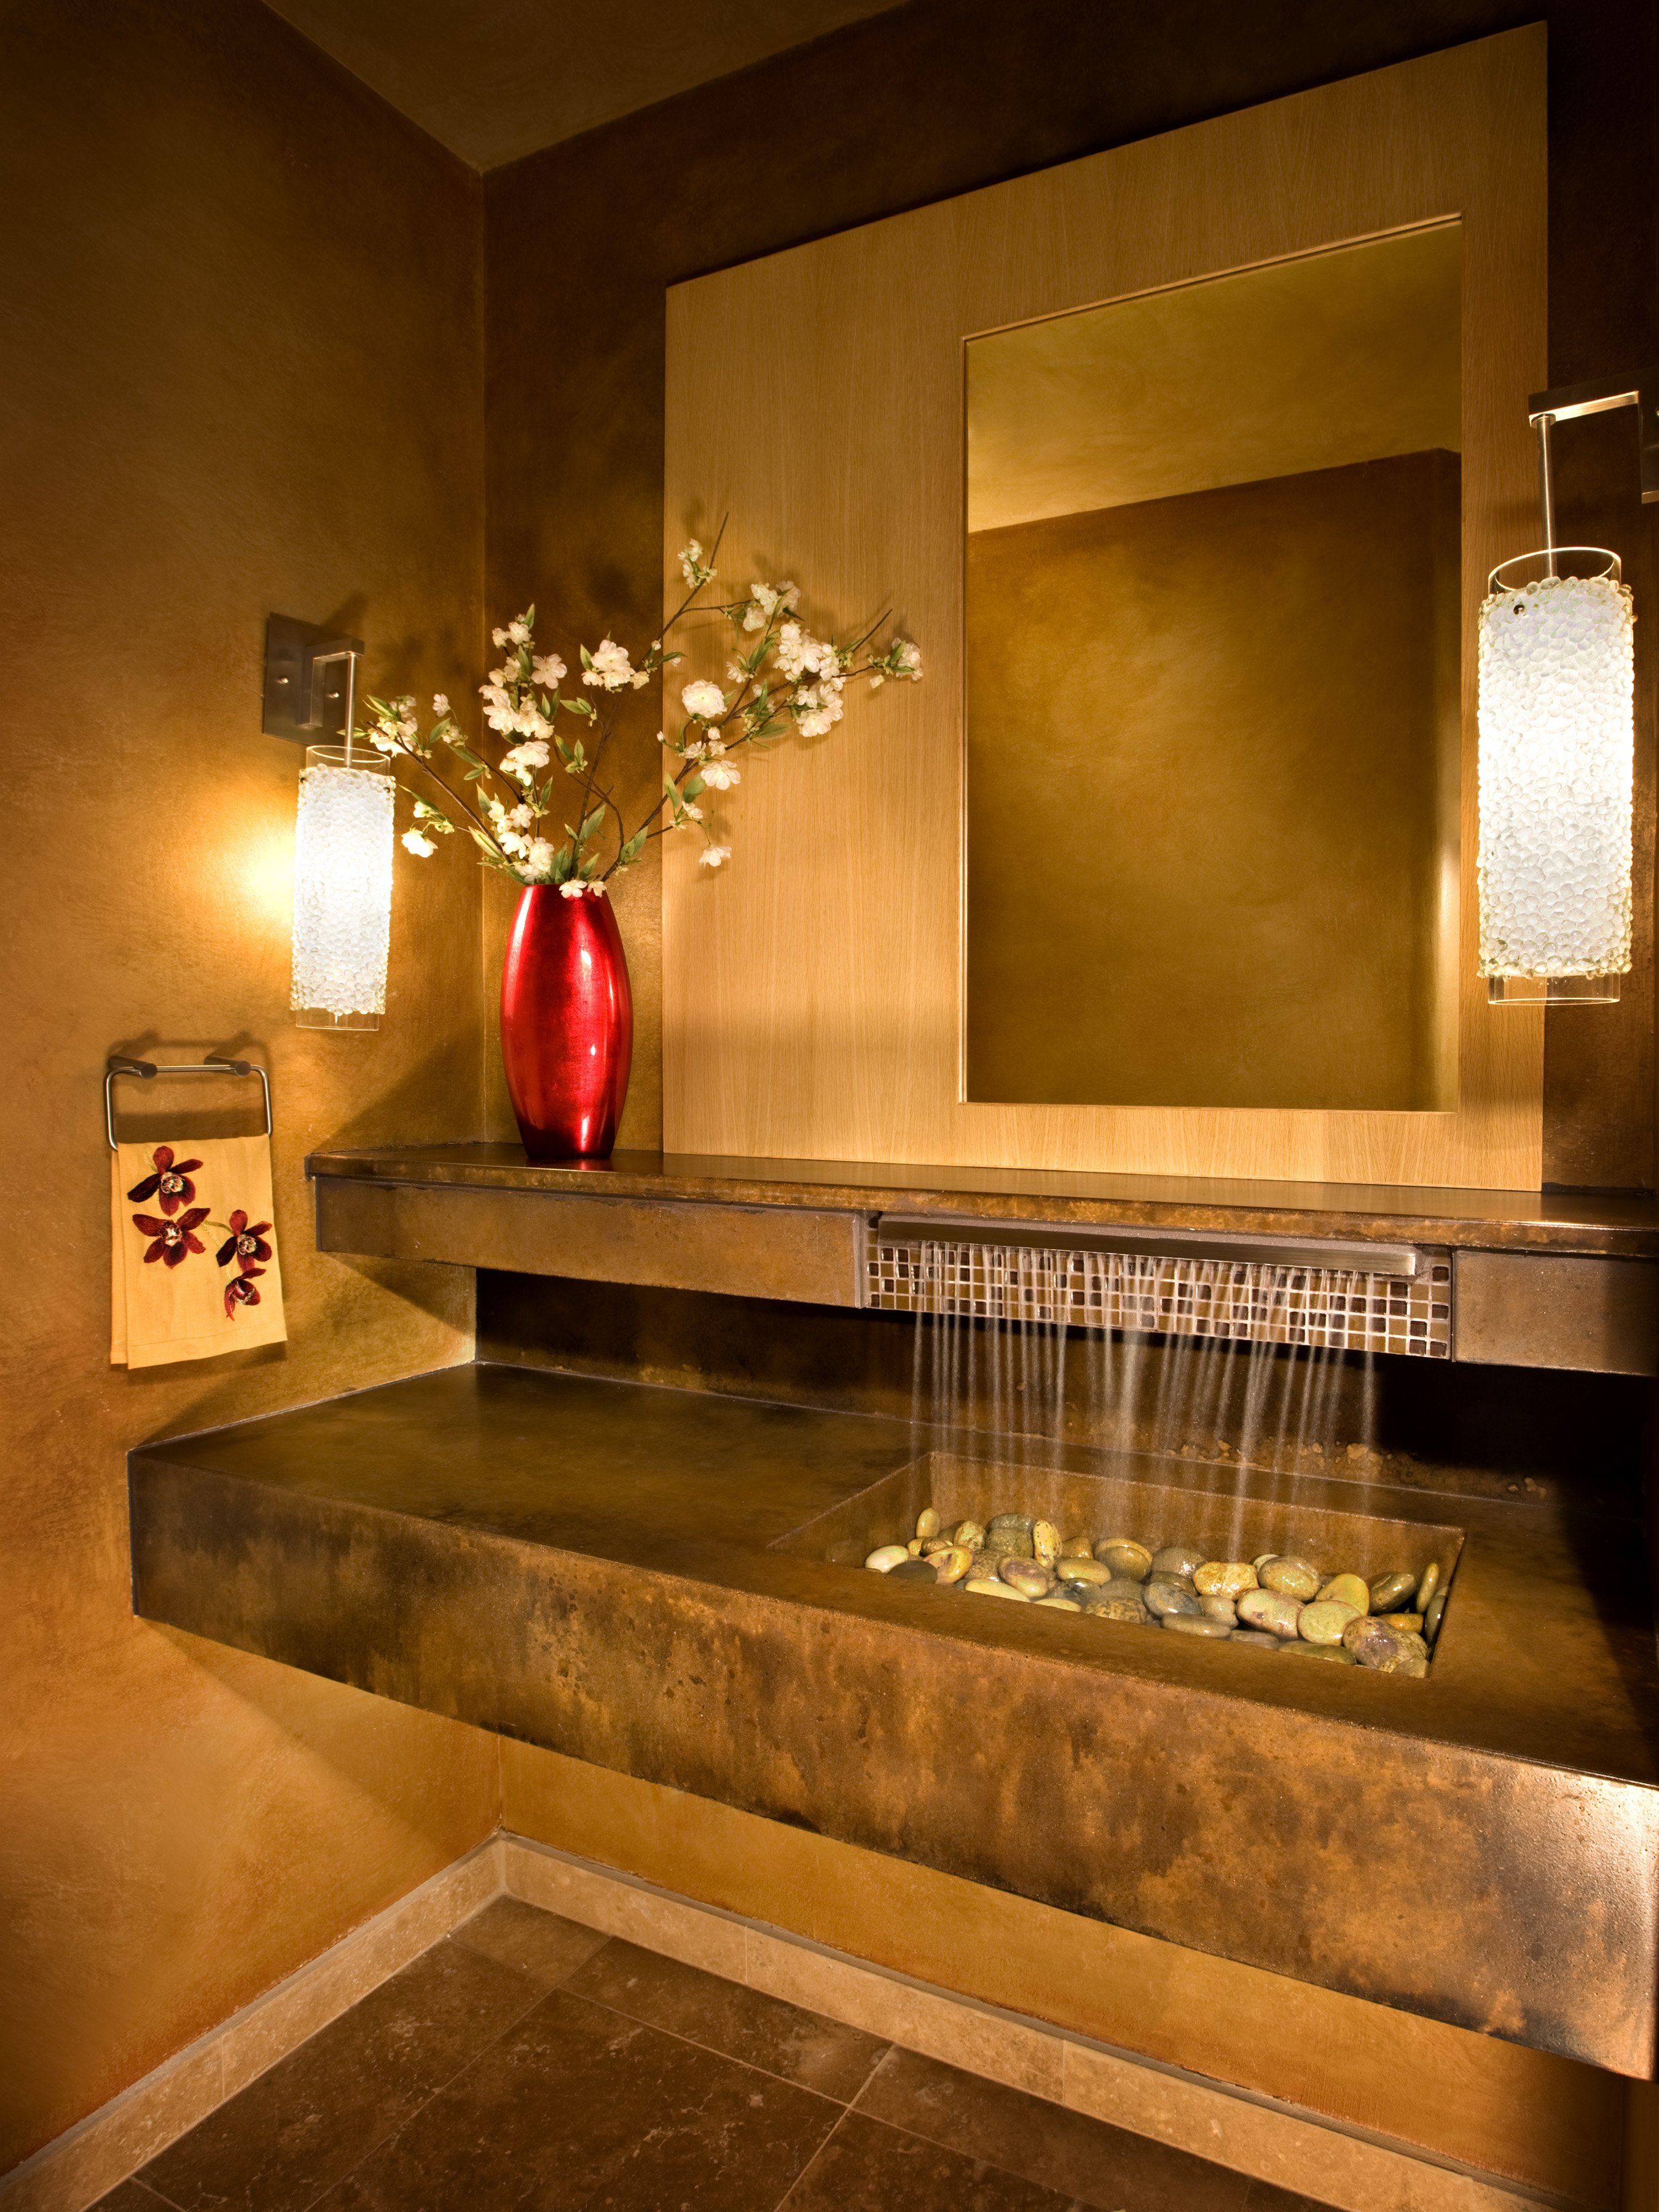 Incre bles y novedosos dise os en lavabos para ba o o cocina for Lavabo vidrio